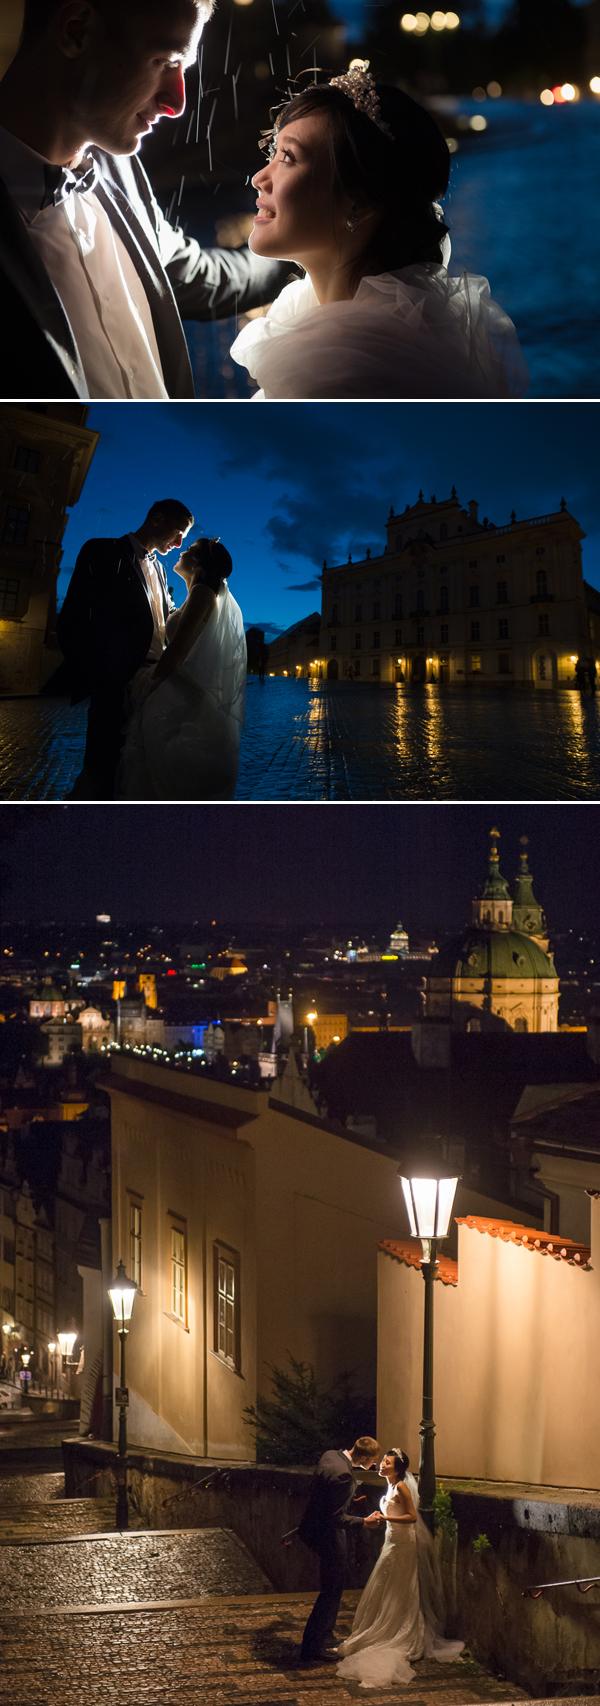 Chiêm ngưỡng bộ ảnh cưới lãng mạn tại Praha 3